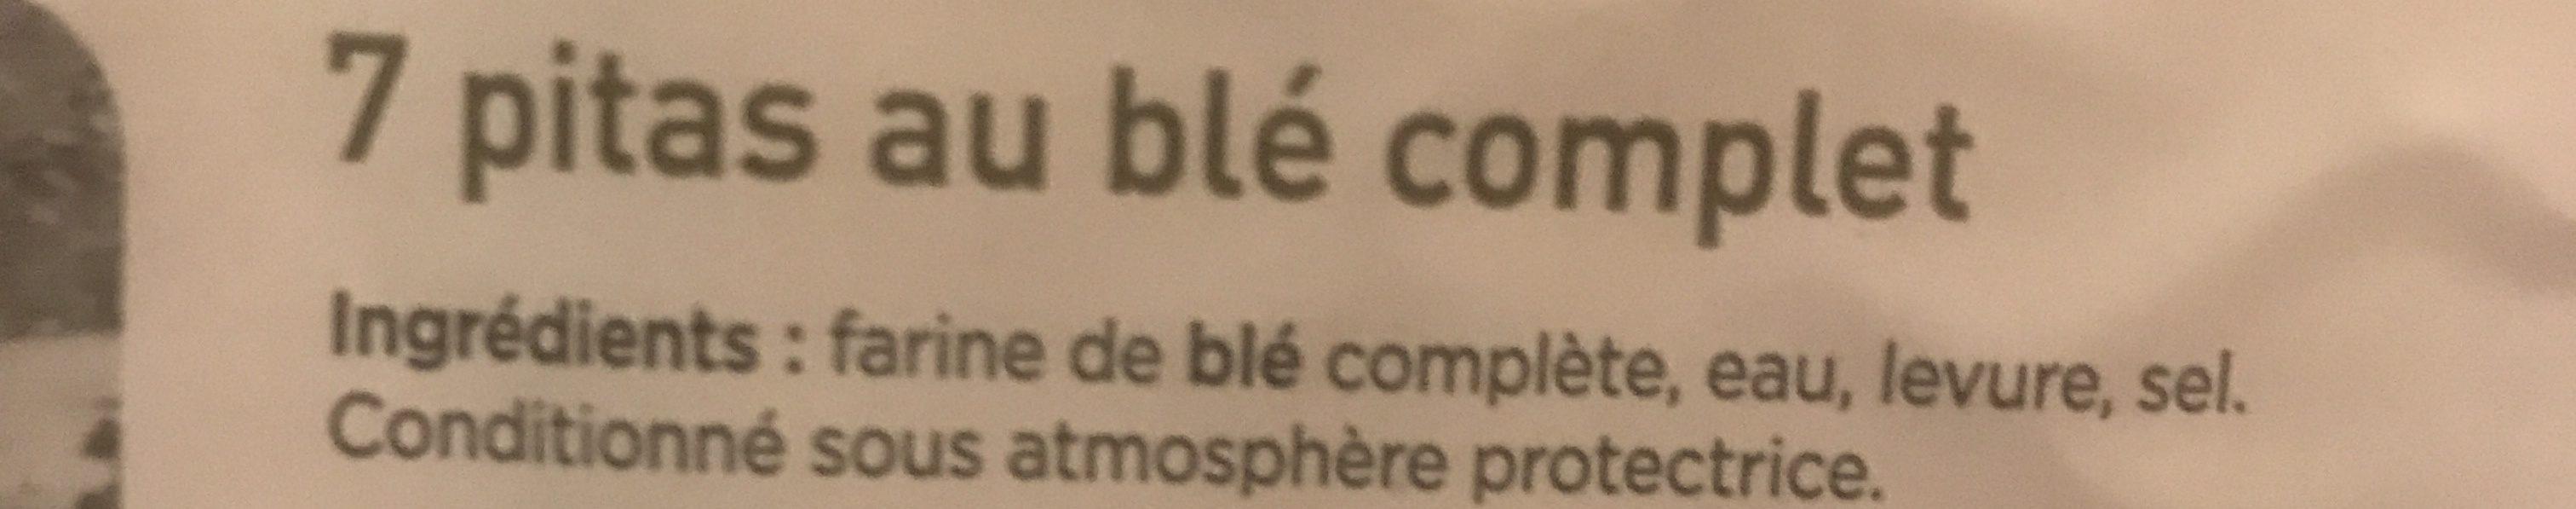 Pita pain libanais complet - Ingrediënten - fr